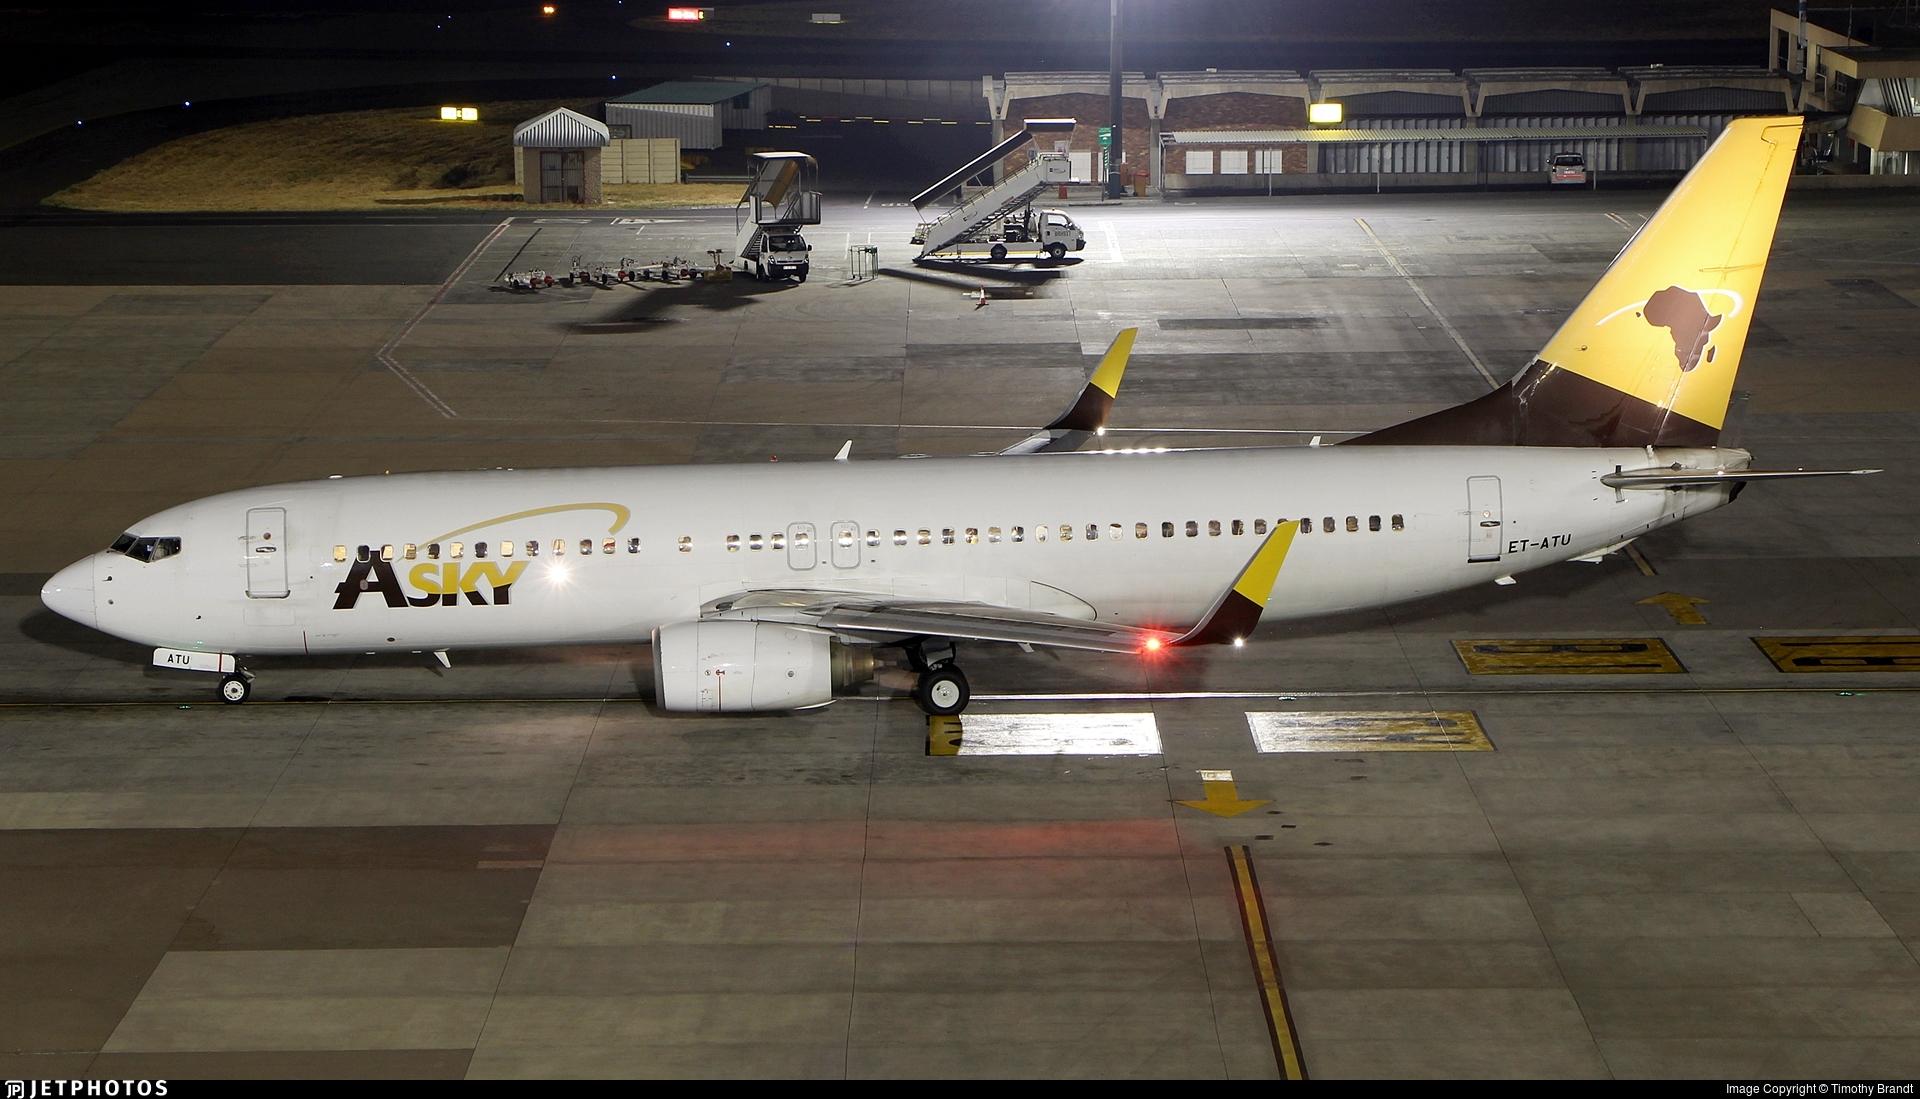 ET-ATU - Boeing 737-8Q8 - ASky Airlines